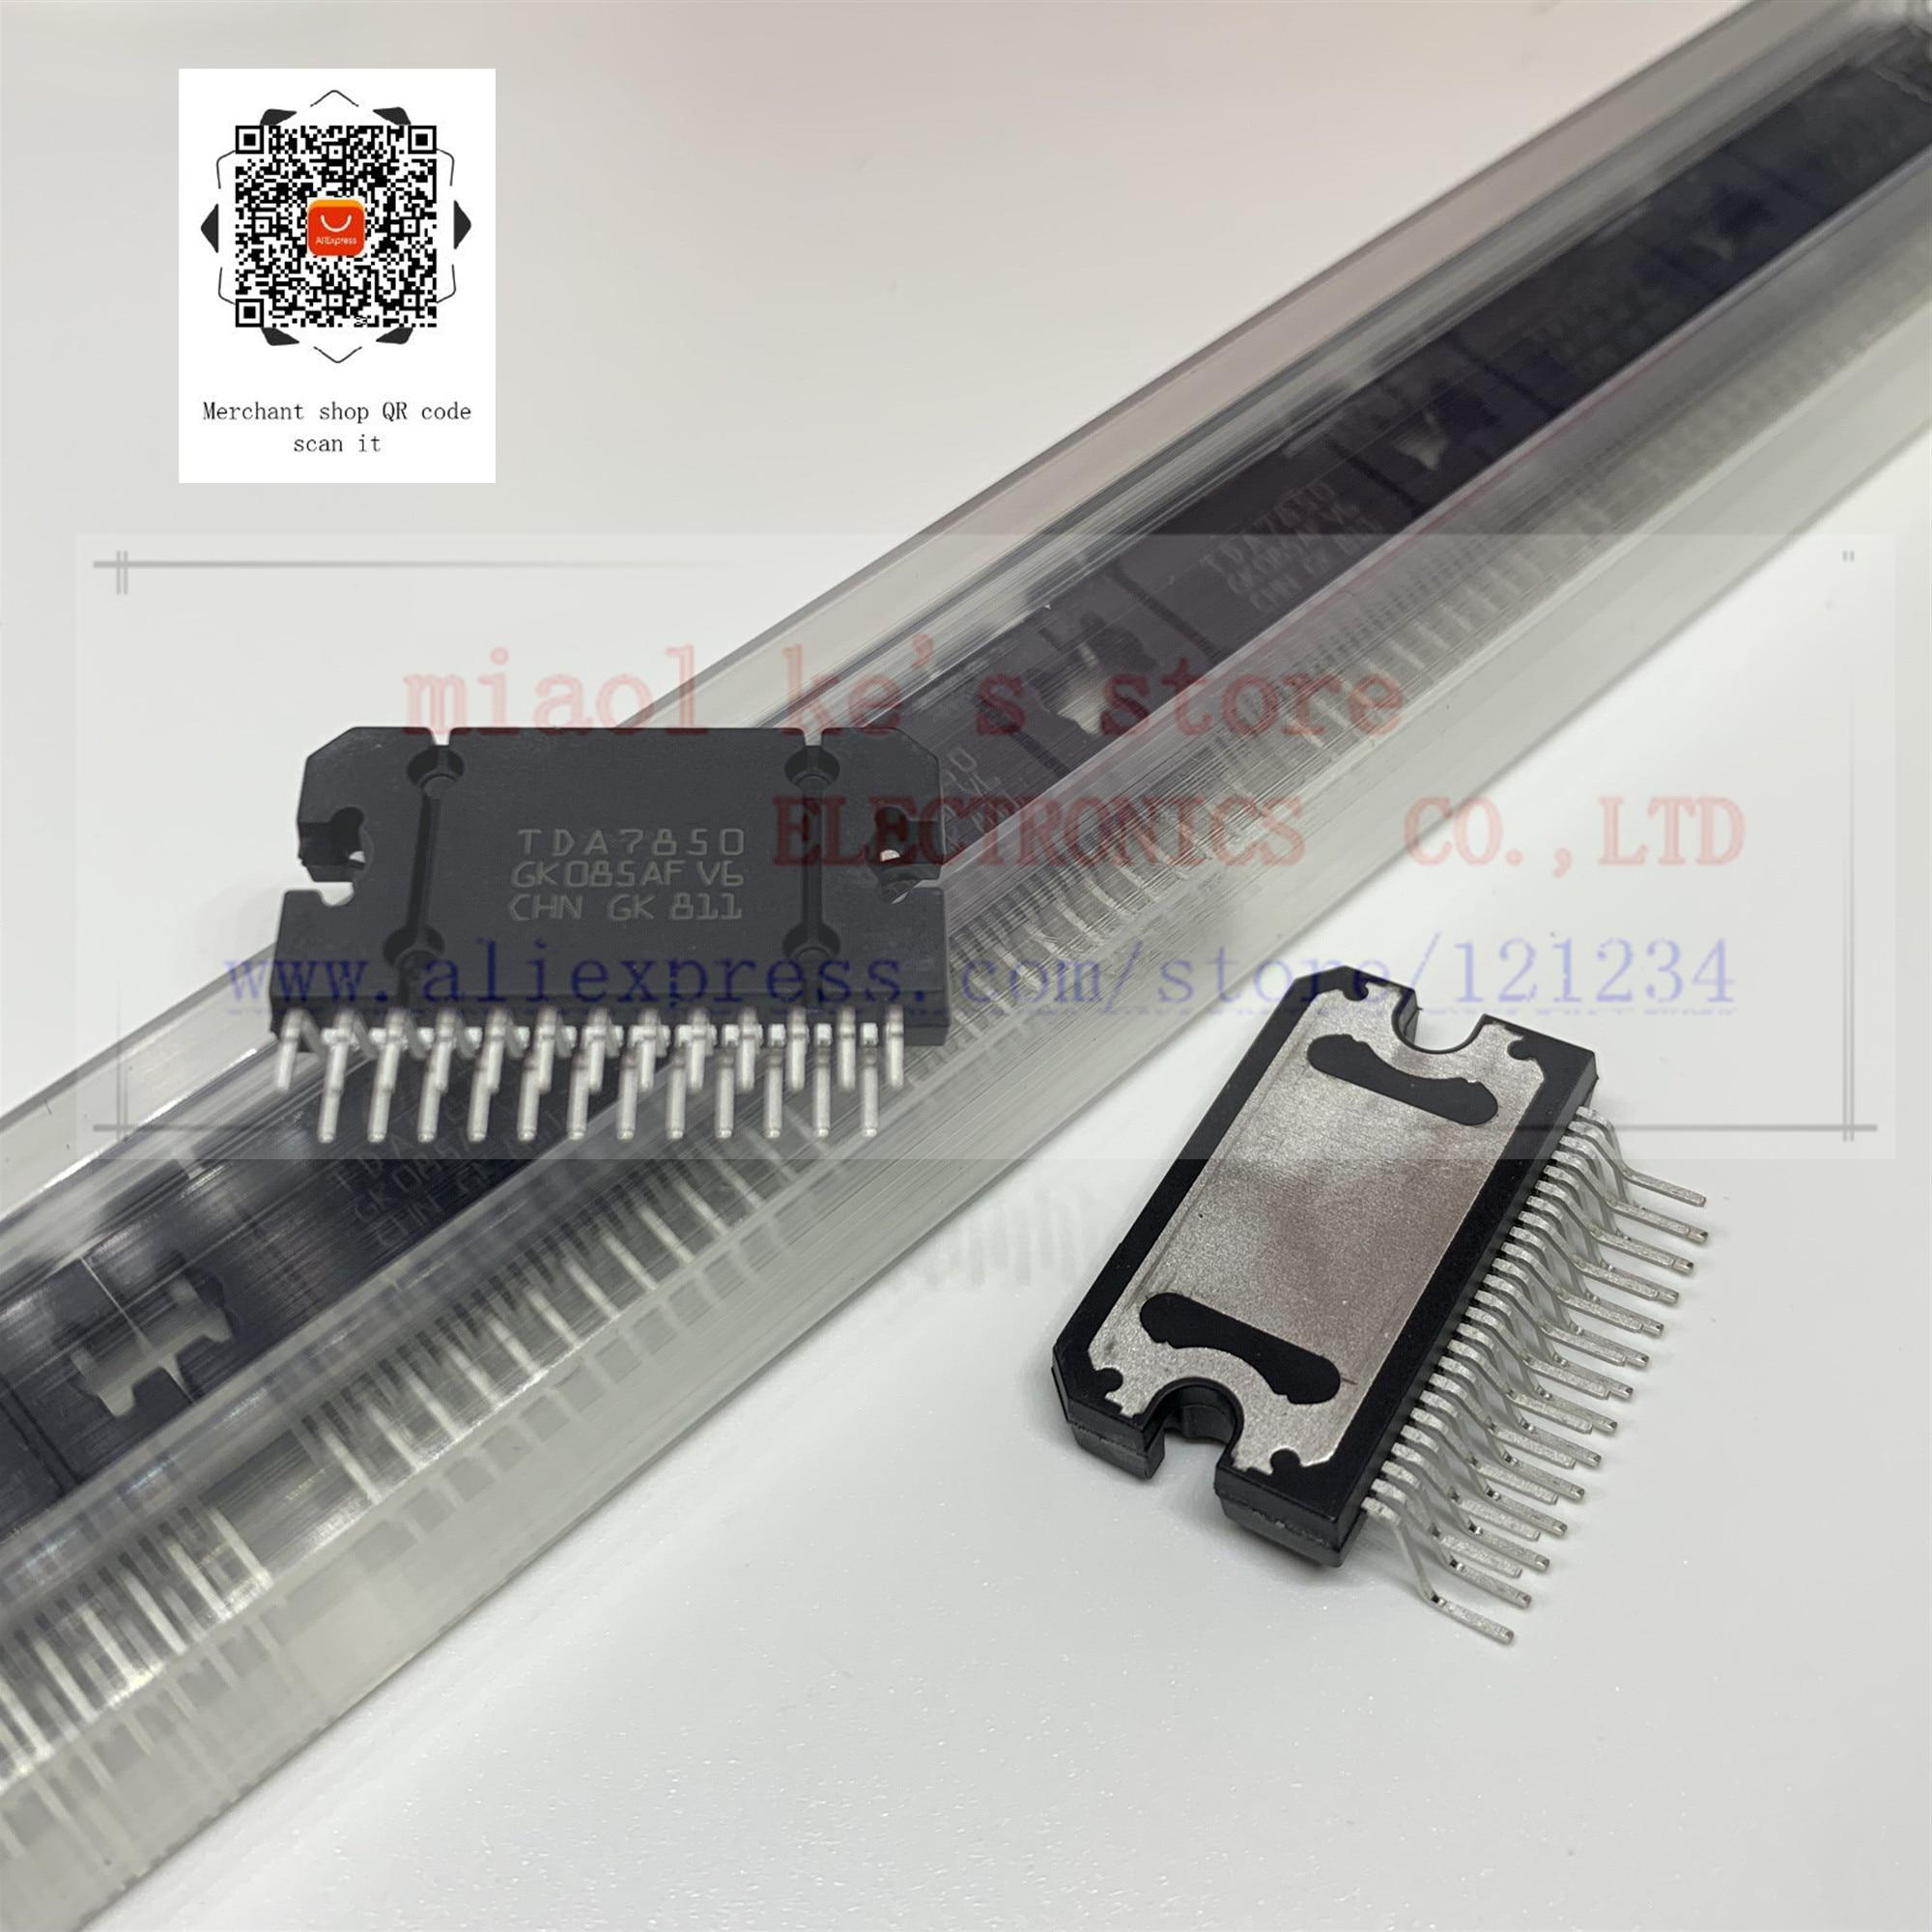 100% חדש מקורי; TDA7850 tda7850-4x50 W MOSFET quad גשר כוח מגבר בתוספת HSD - IC AMP QUAD גשר FLEXIWATT25